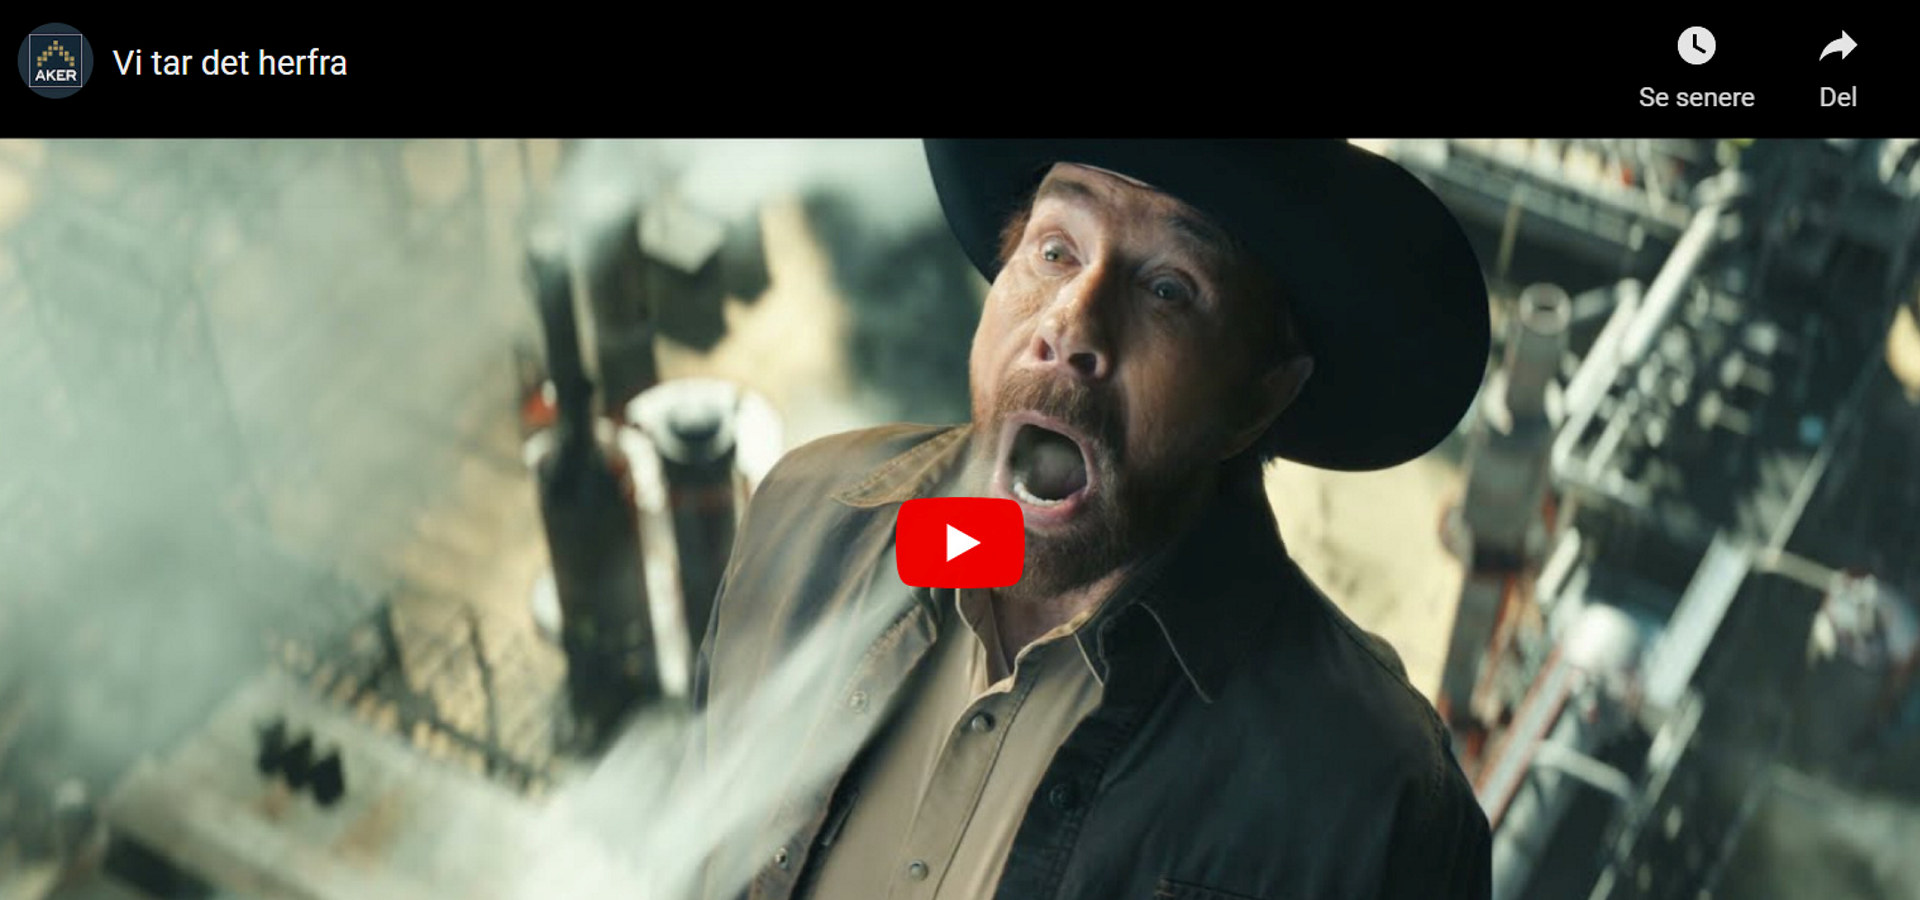 """Skjermdump fra Akers reklamefilm """"Vi tar det herfra"""" med Chuck Norris i hovedrollen."""